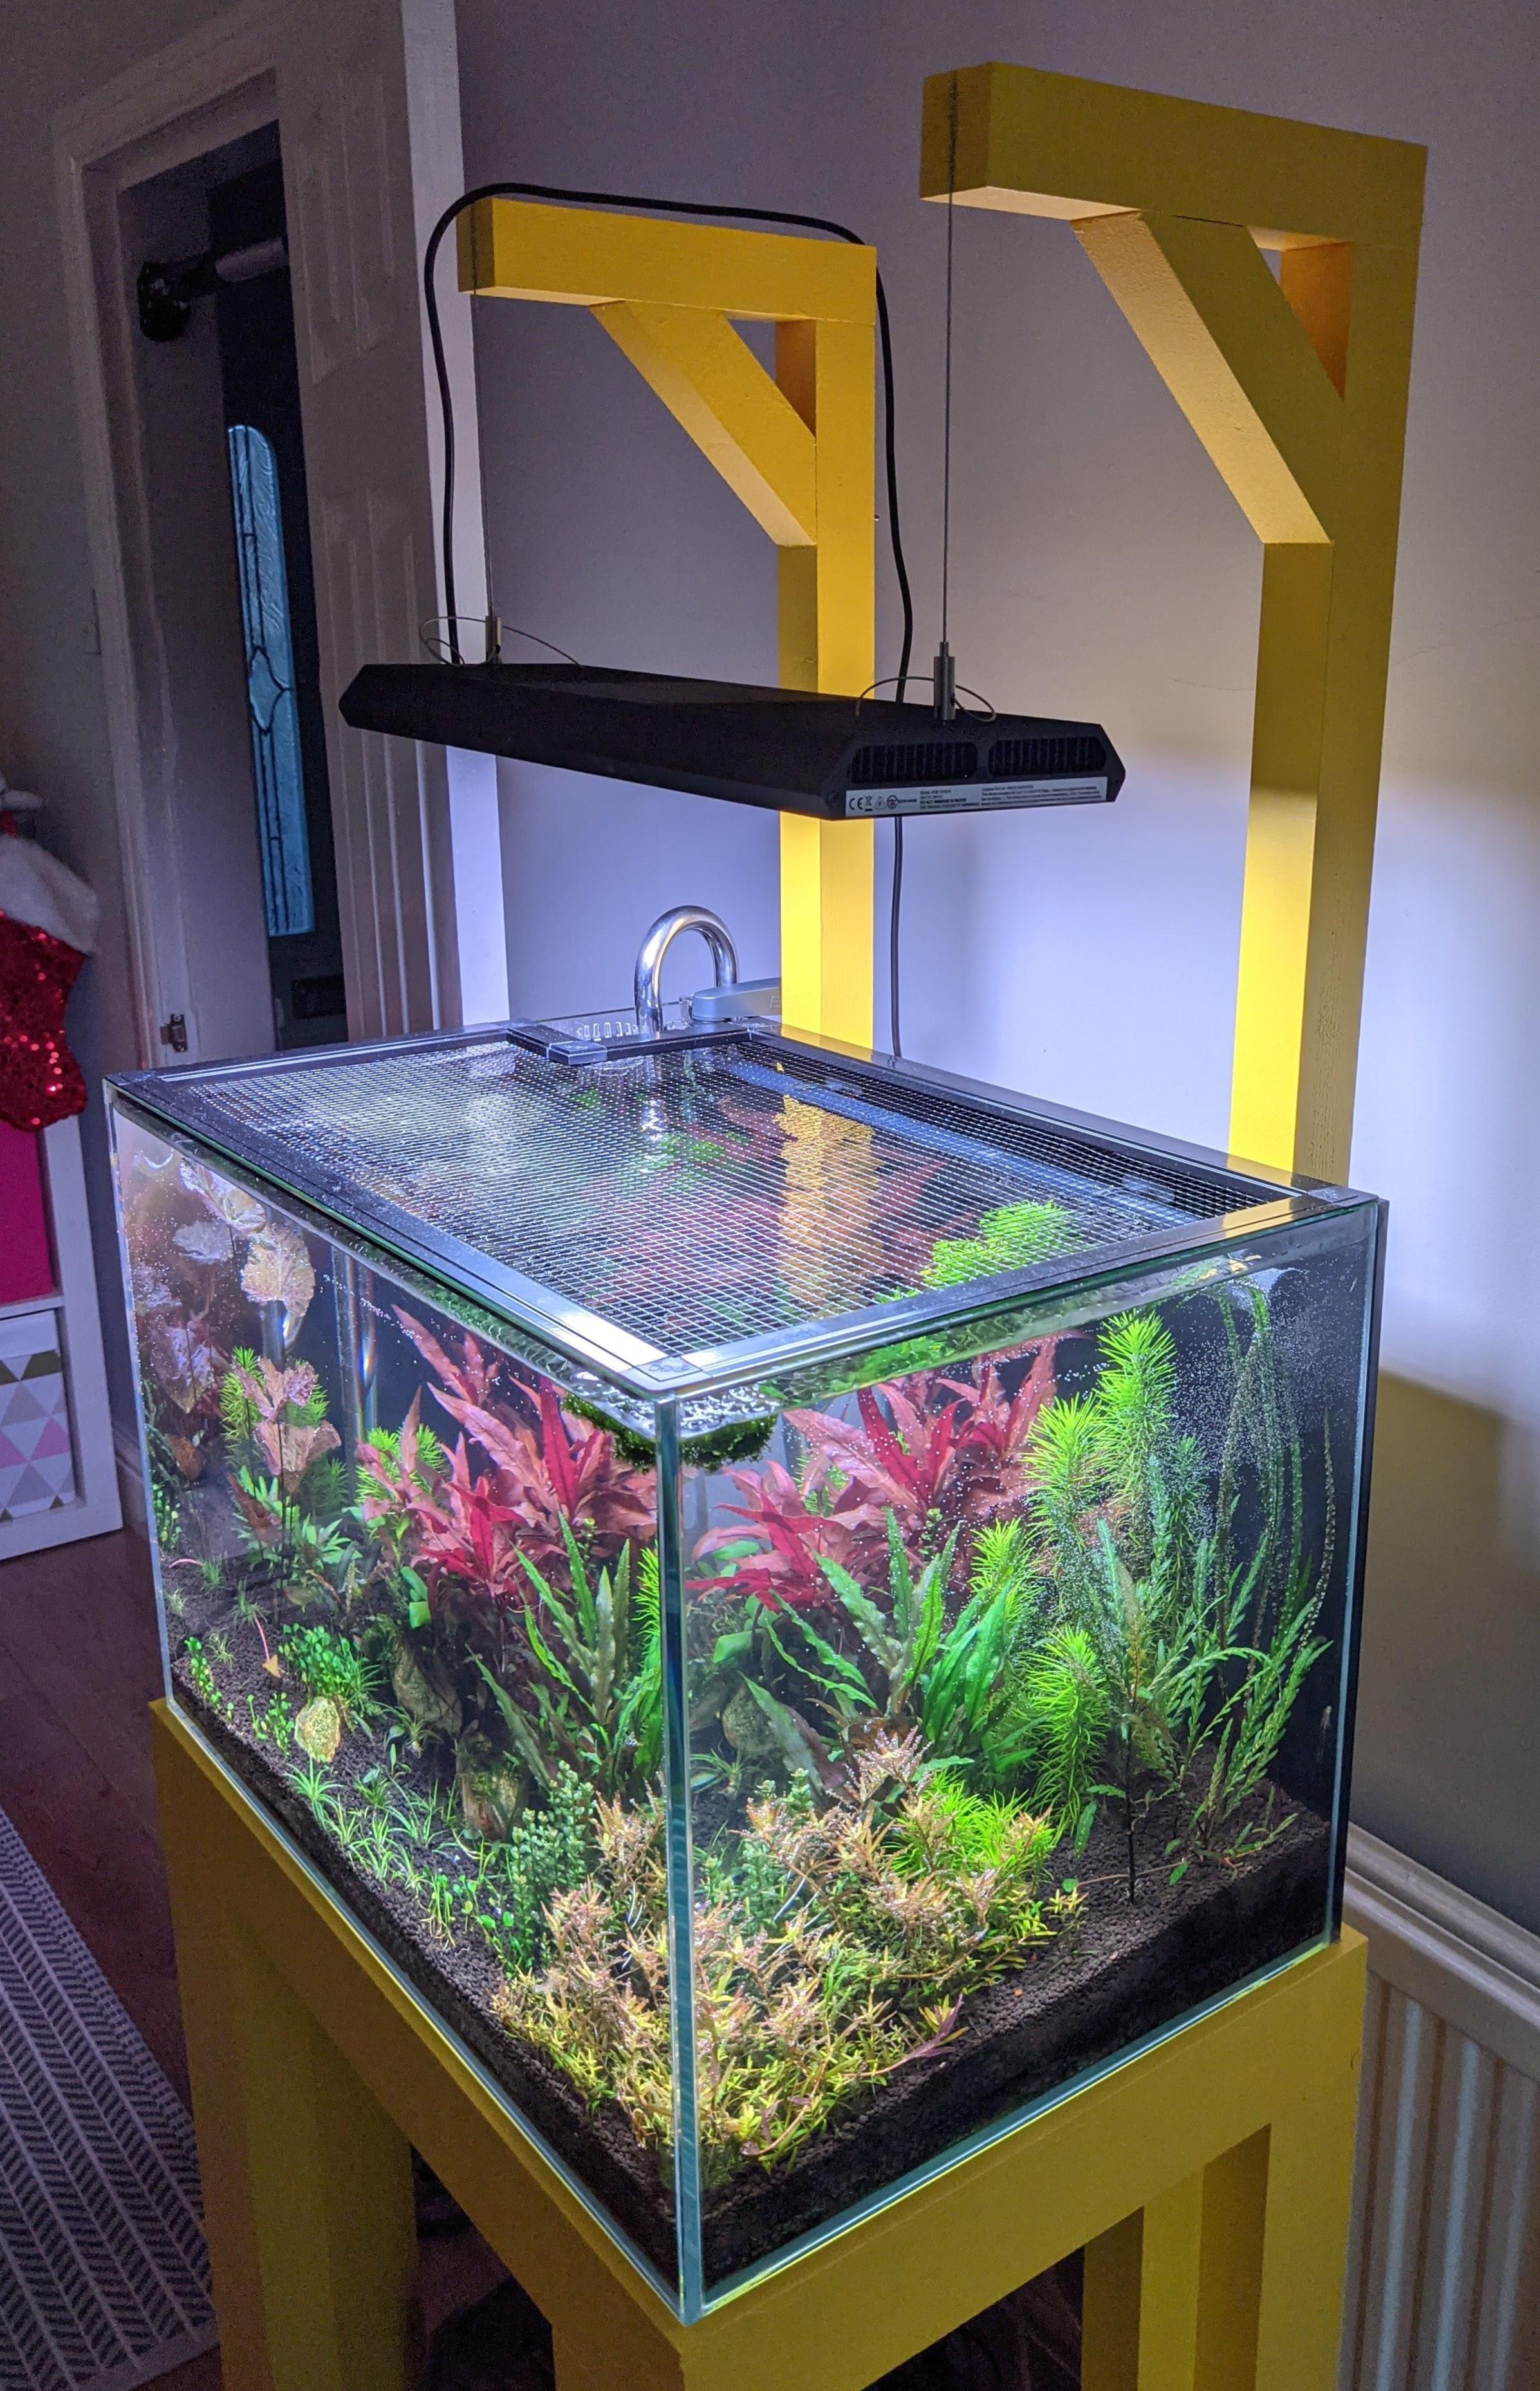 Photo of the aquarium